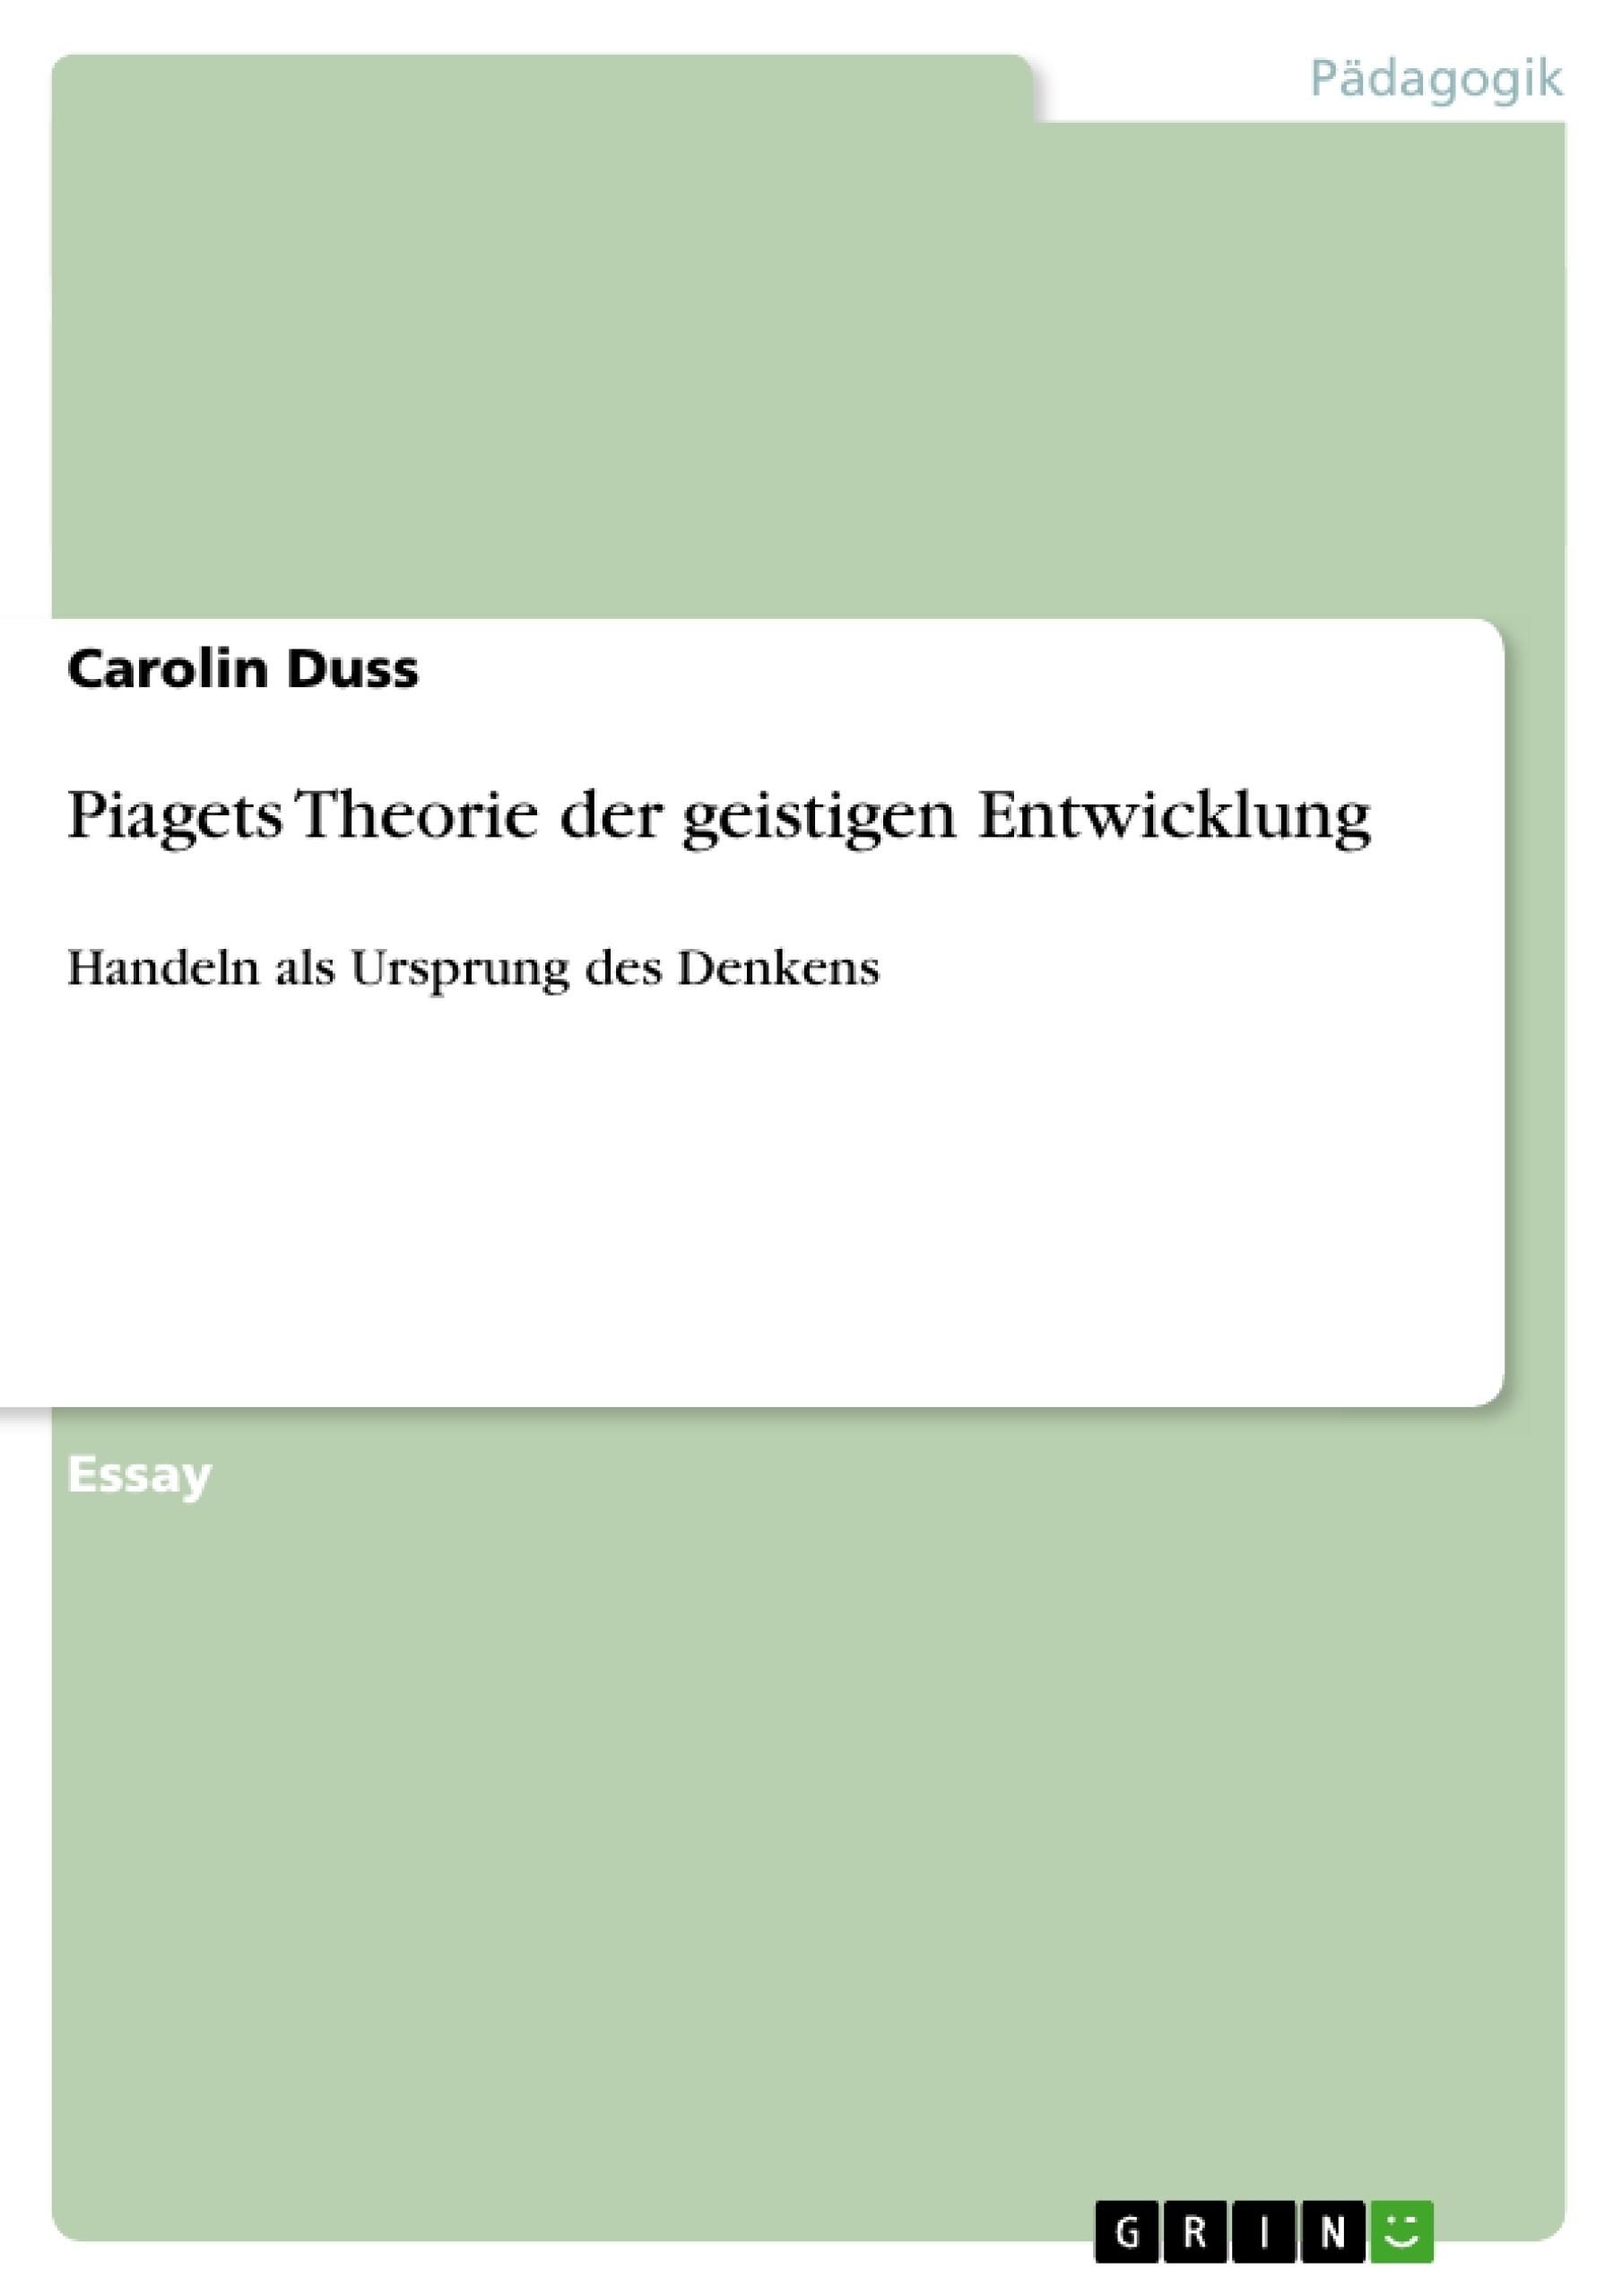 Titel: Piagets Theorie der geistigen Entwicklung